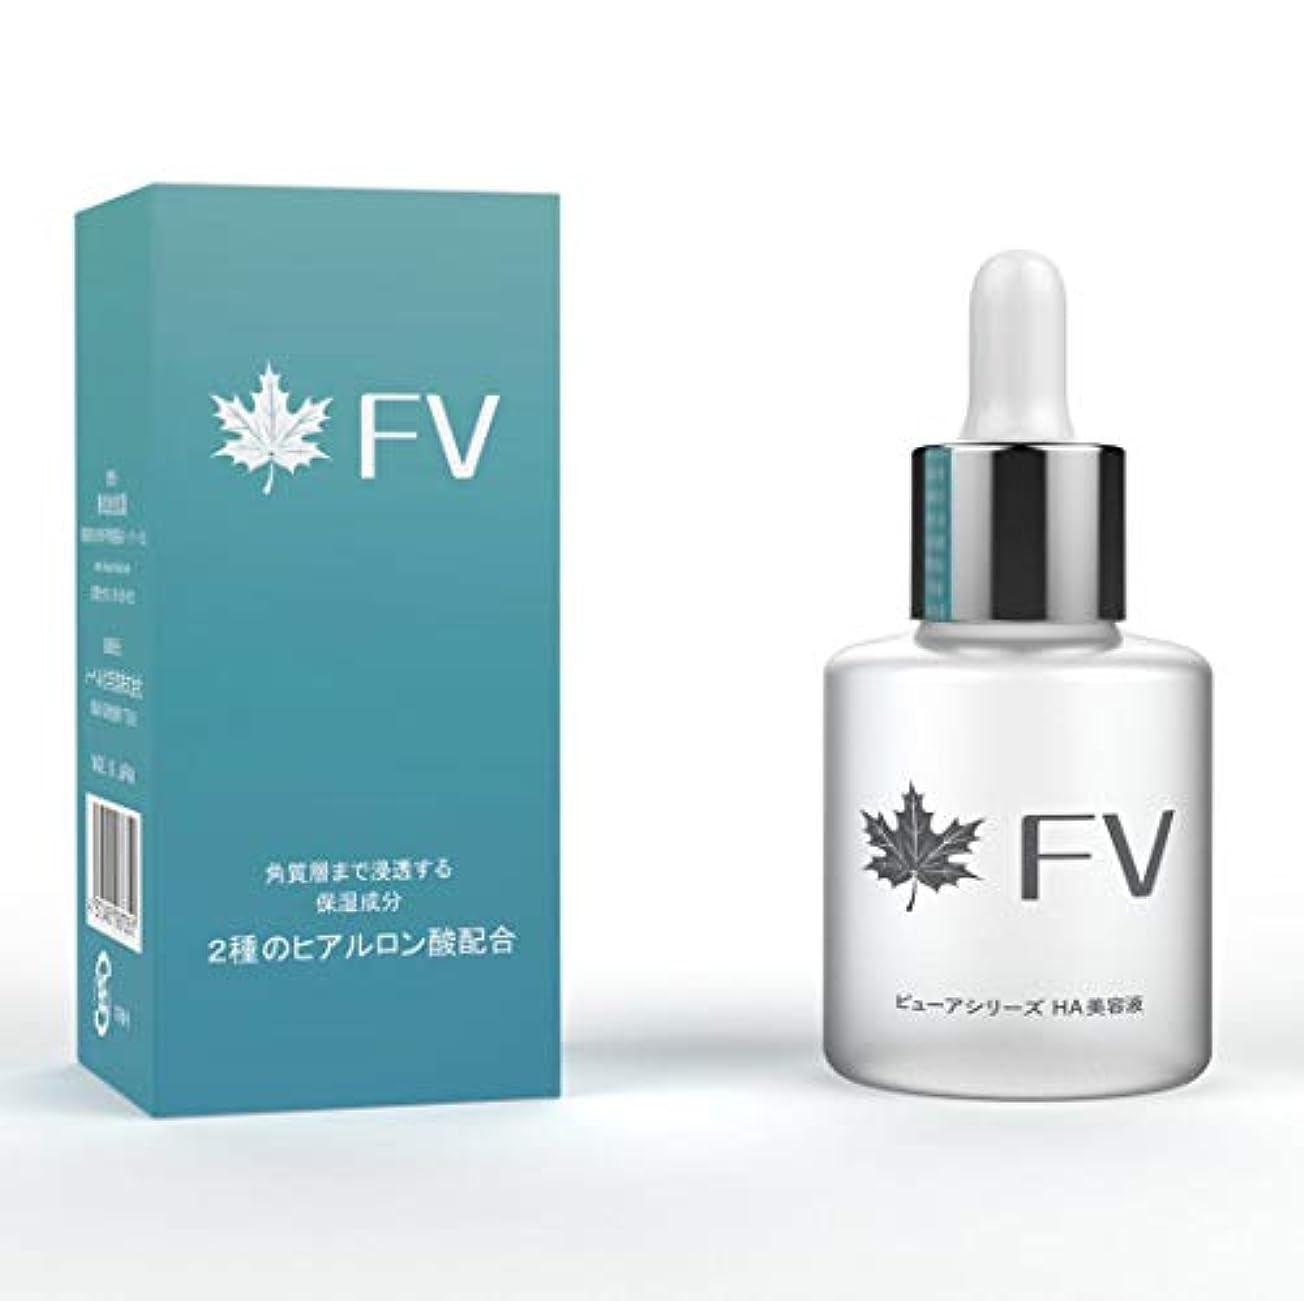 暴力的な手首高度なFV ヒアルロン酸原液(美容液)30ml 高分子超保湿キャッチ型と低分子修復リペア型 2種のヒアルロン酸  日本製